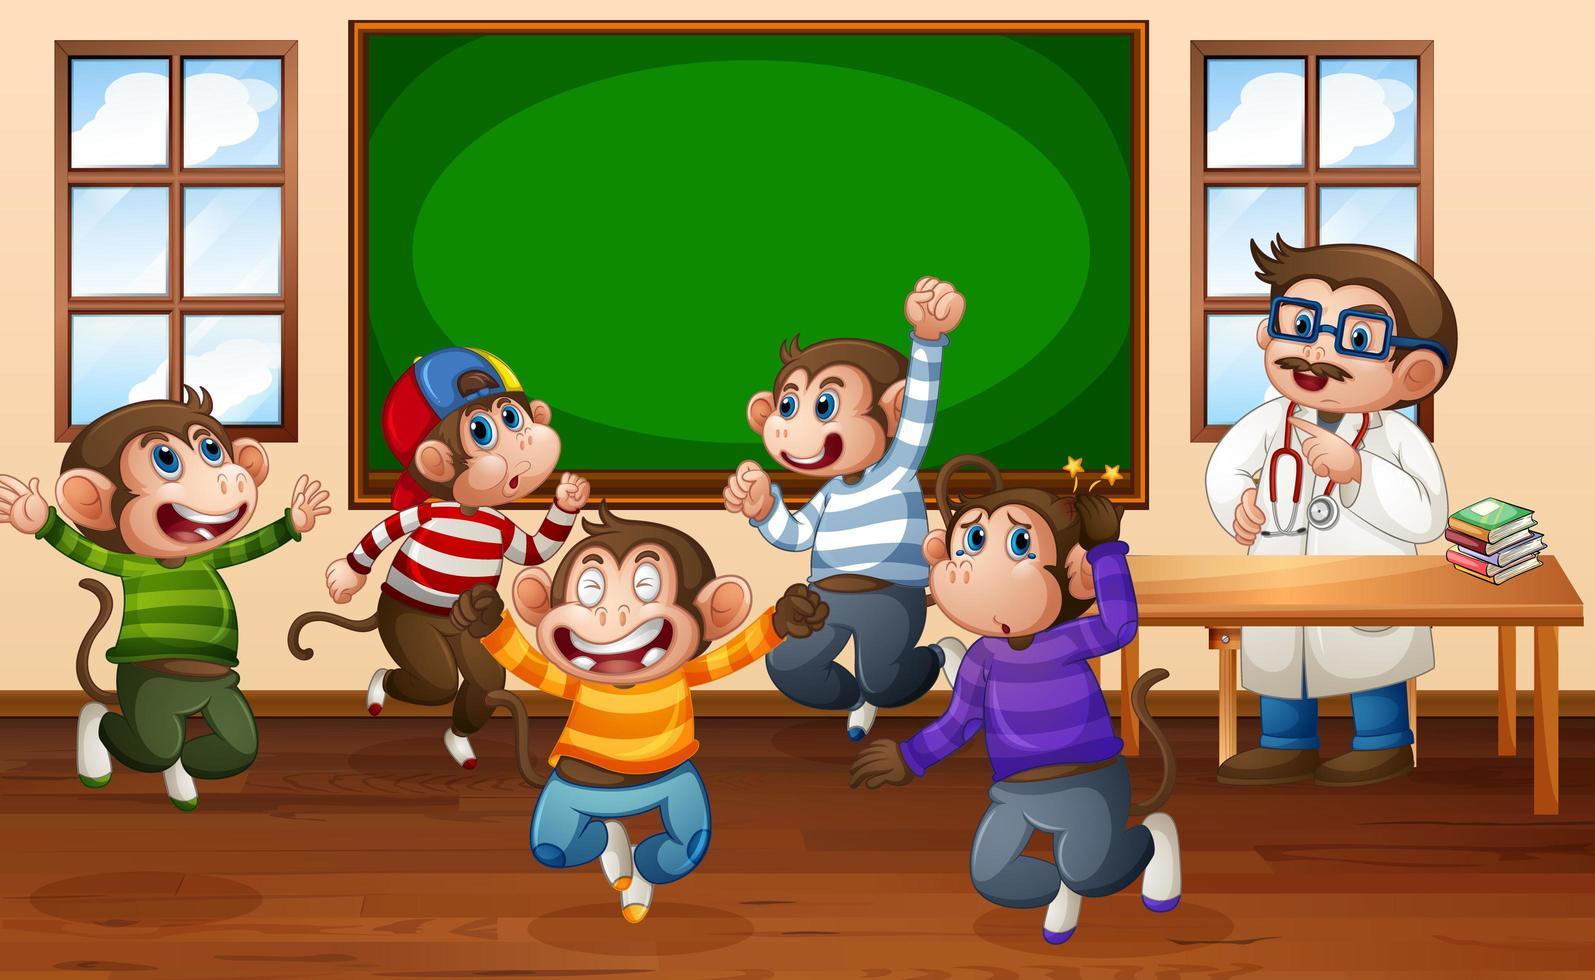 cinq petits singes sautant dans la classe vecteur